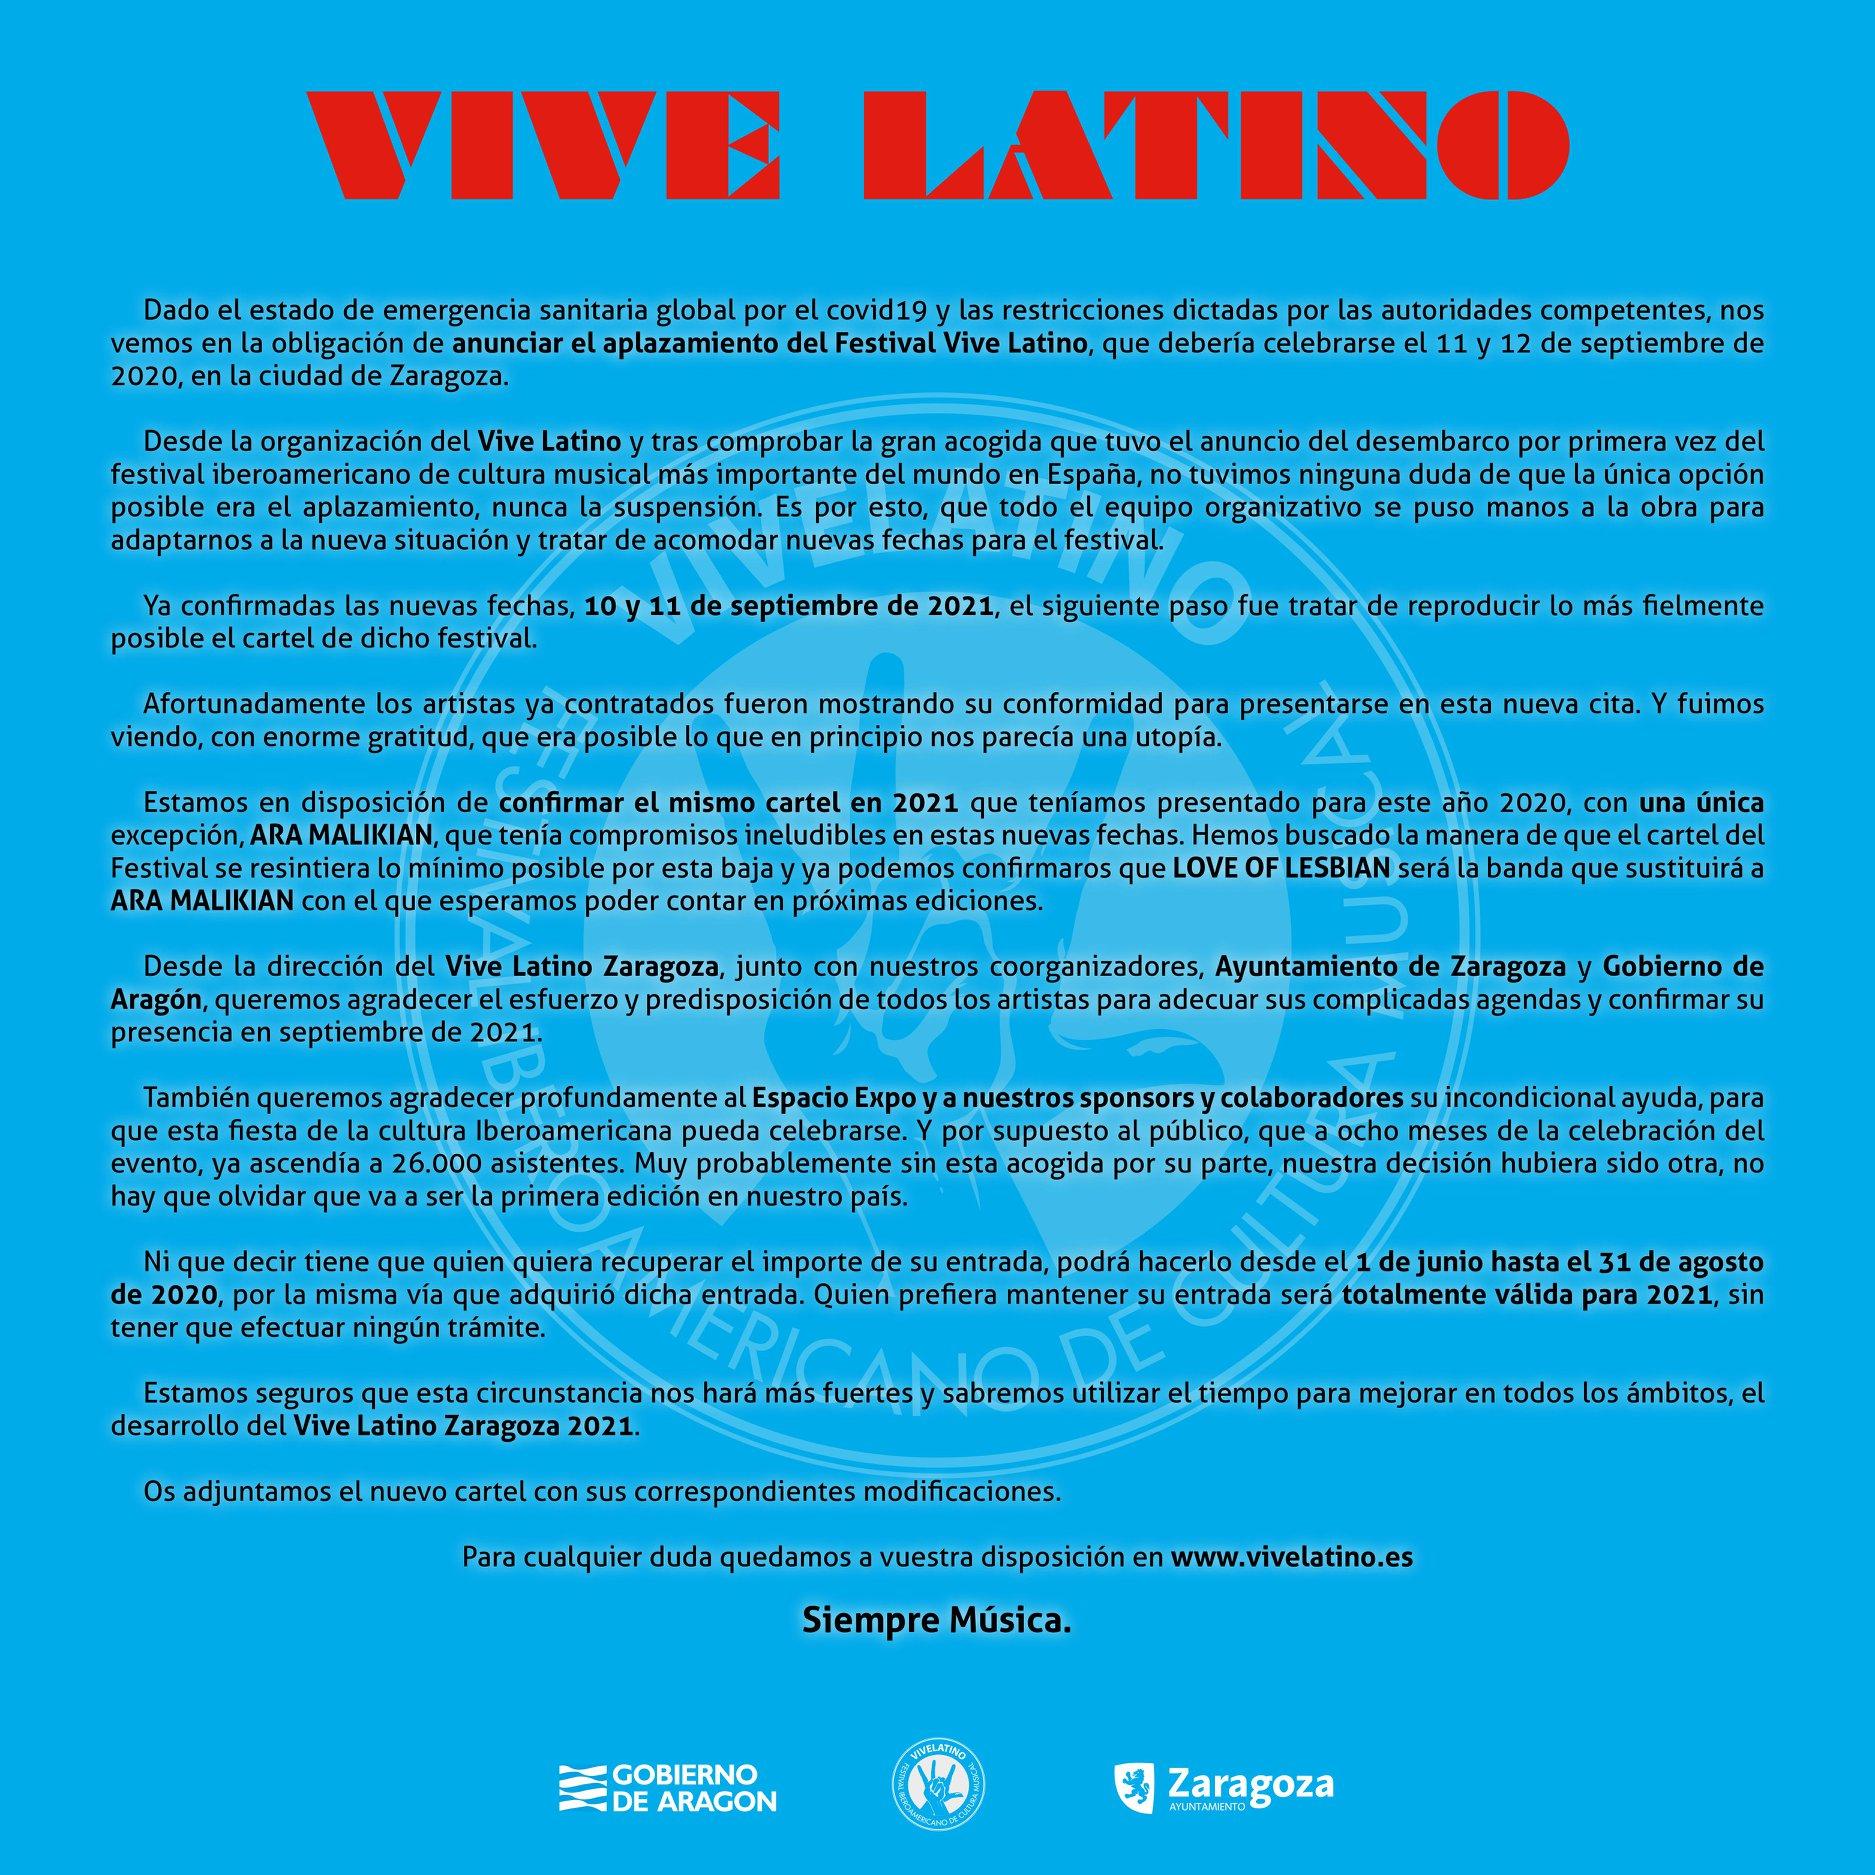 comunicado-vive-latino-españa